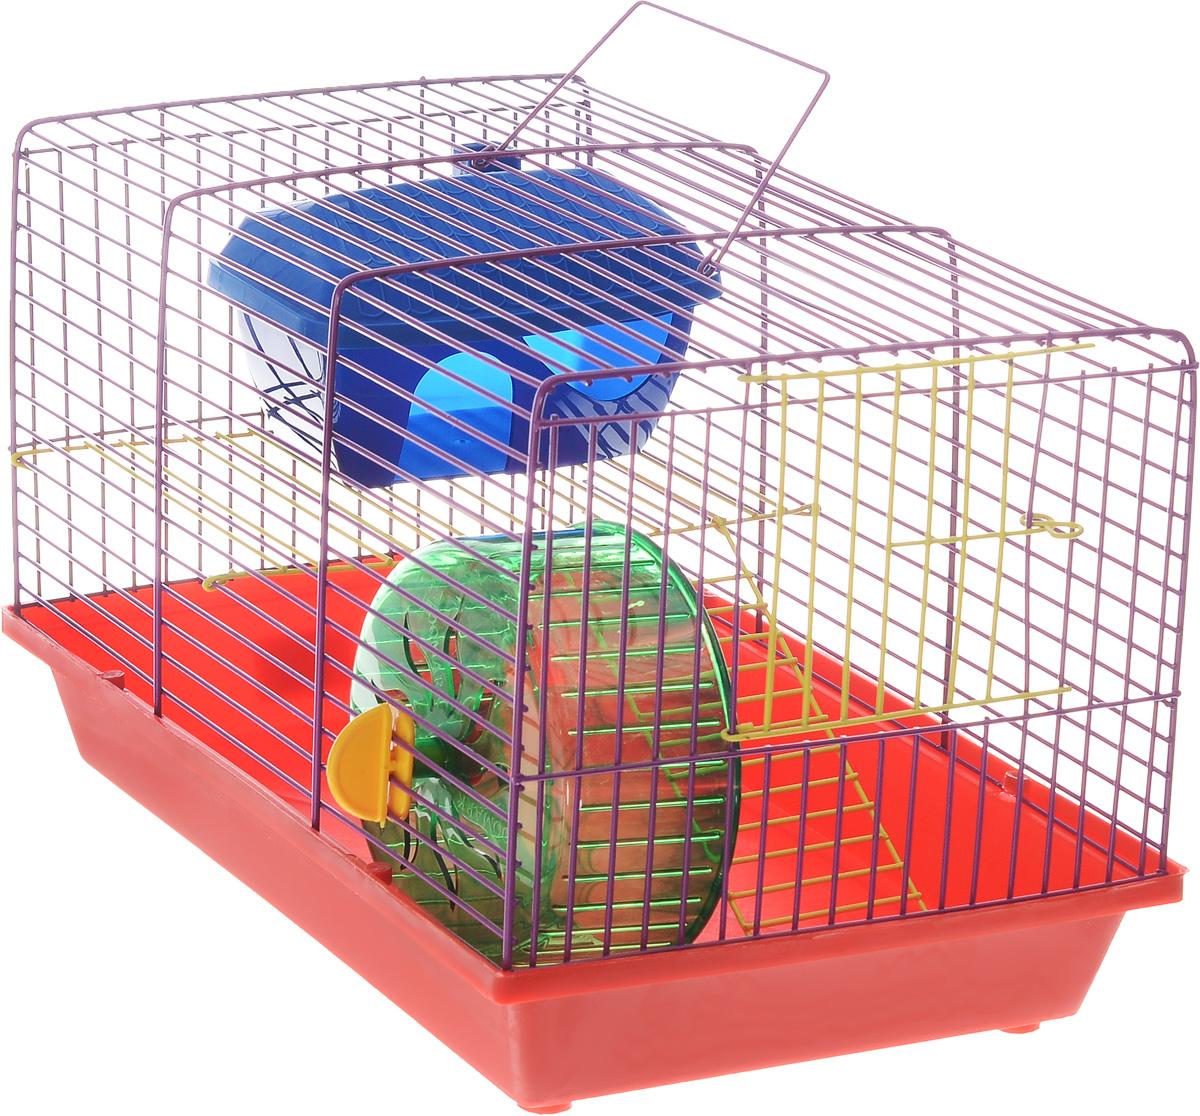 Клетка для грызунов ЗооМарк, 2-этажная, цвет: красный поддон, фиолетовая решетка, желтые этажи, 36 х 22 х 24 см. 125ж125жКФКлетка ЗооМарк, выполненная из полипропилена и металла, подходит для мелких грызунов. Изделие двухэтажное, оборудовано колесом для подвижных игр и пластиковым домиком. Клетка имеет яркий поддон, удобна в использовании и легко чистится. Сверху имеется ручка для переноски. Такая клетка станет уединенным личным пространством и уютным домиком для маленького грызуна.